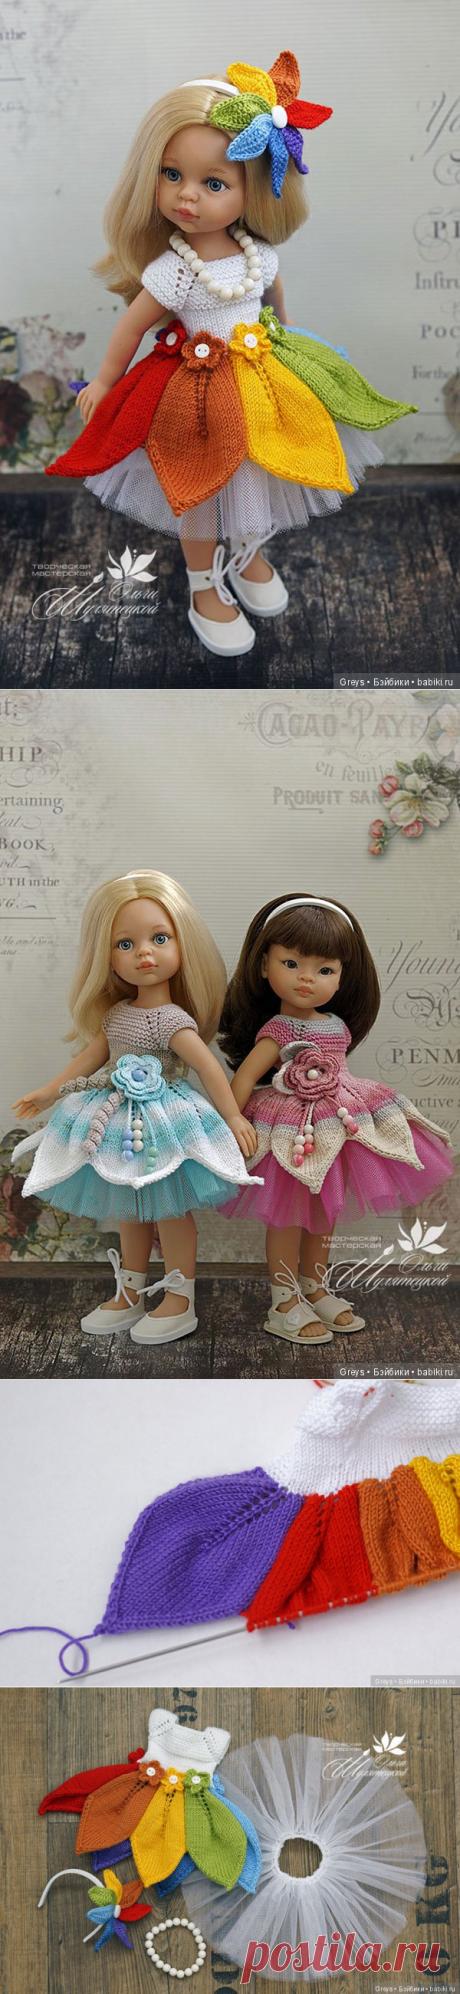 Мастер-класс - платье спицами для Паолок Акварельки / Вязание для кукол / Бэйбики. Куклы фото. Одежда для кукол